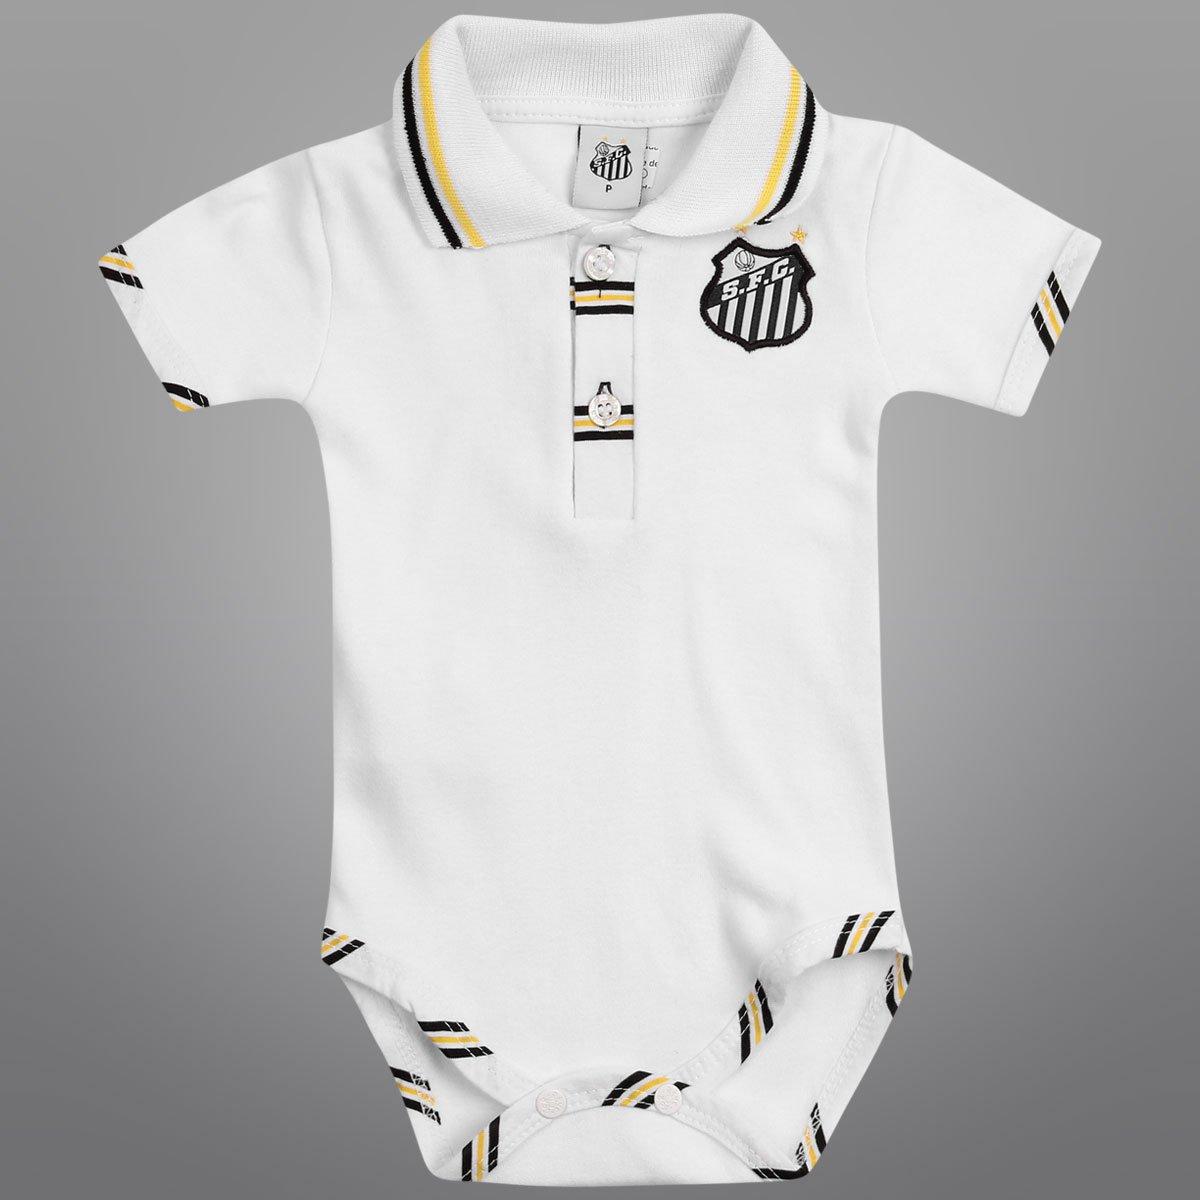 Body Suedine Santos Branco Infantil Branco Body Body Santos Infantil Suedine Z6AwngxS